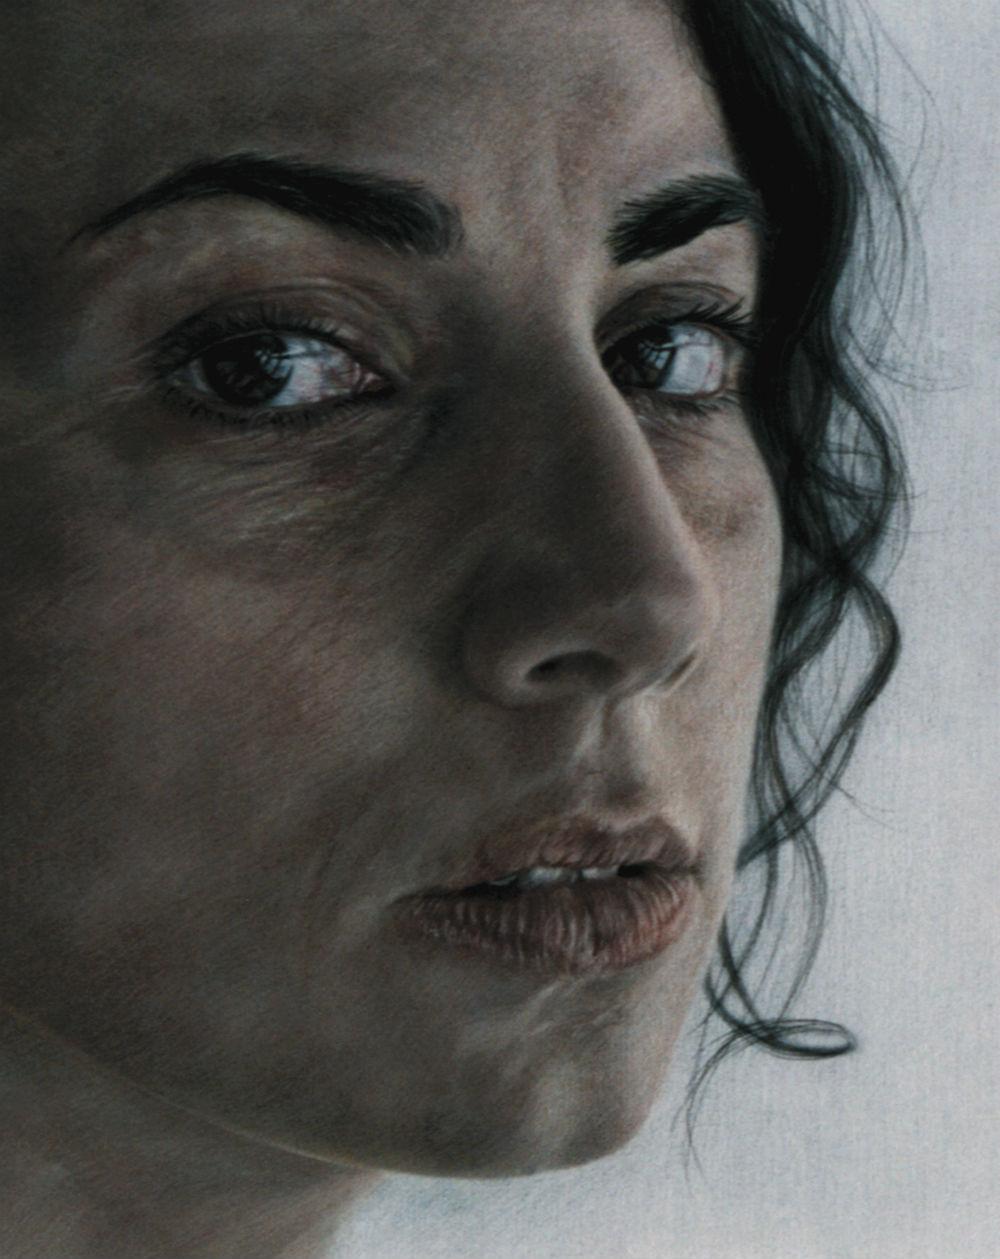 Vania Comoretti - Venice, Italy artist